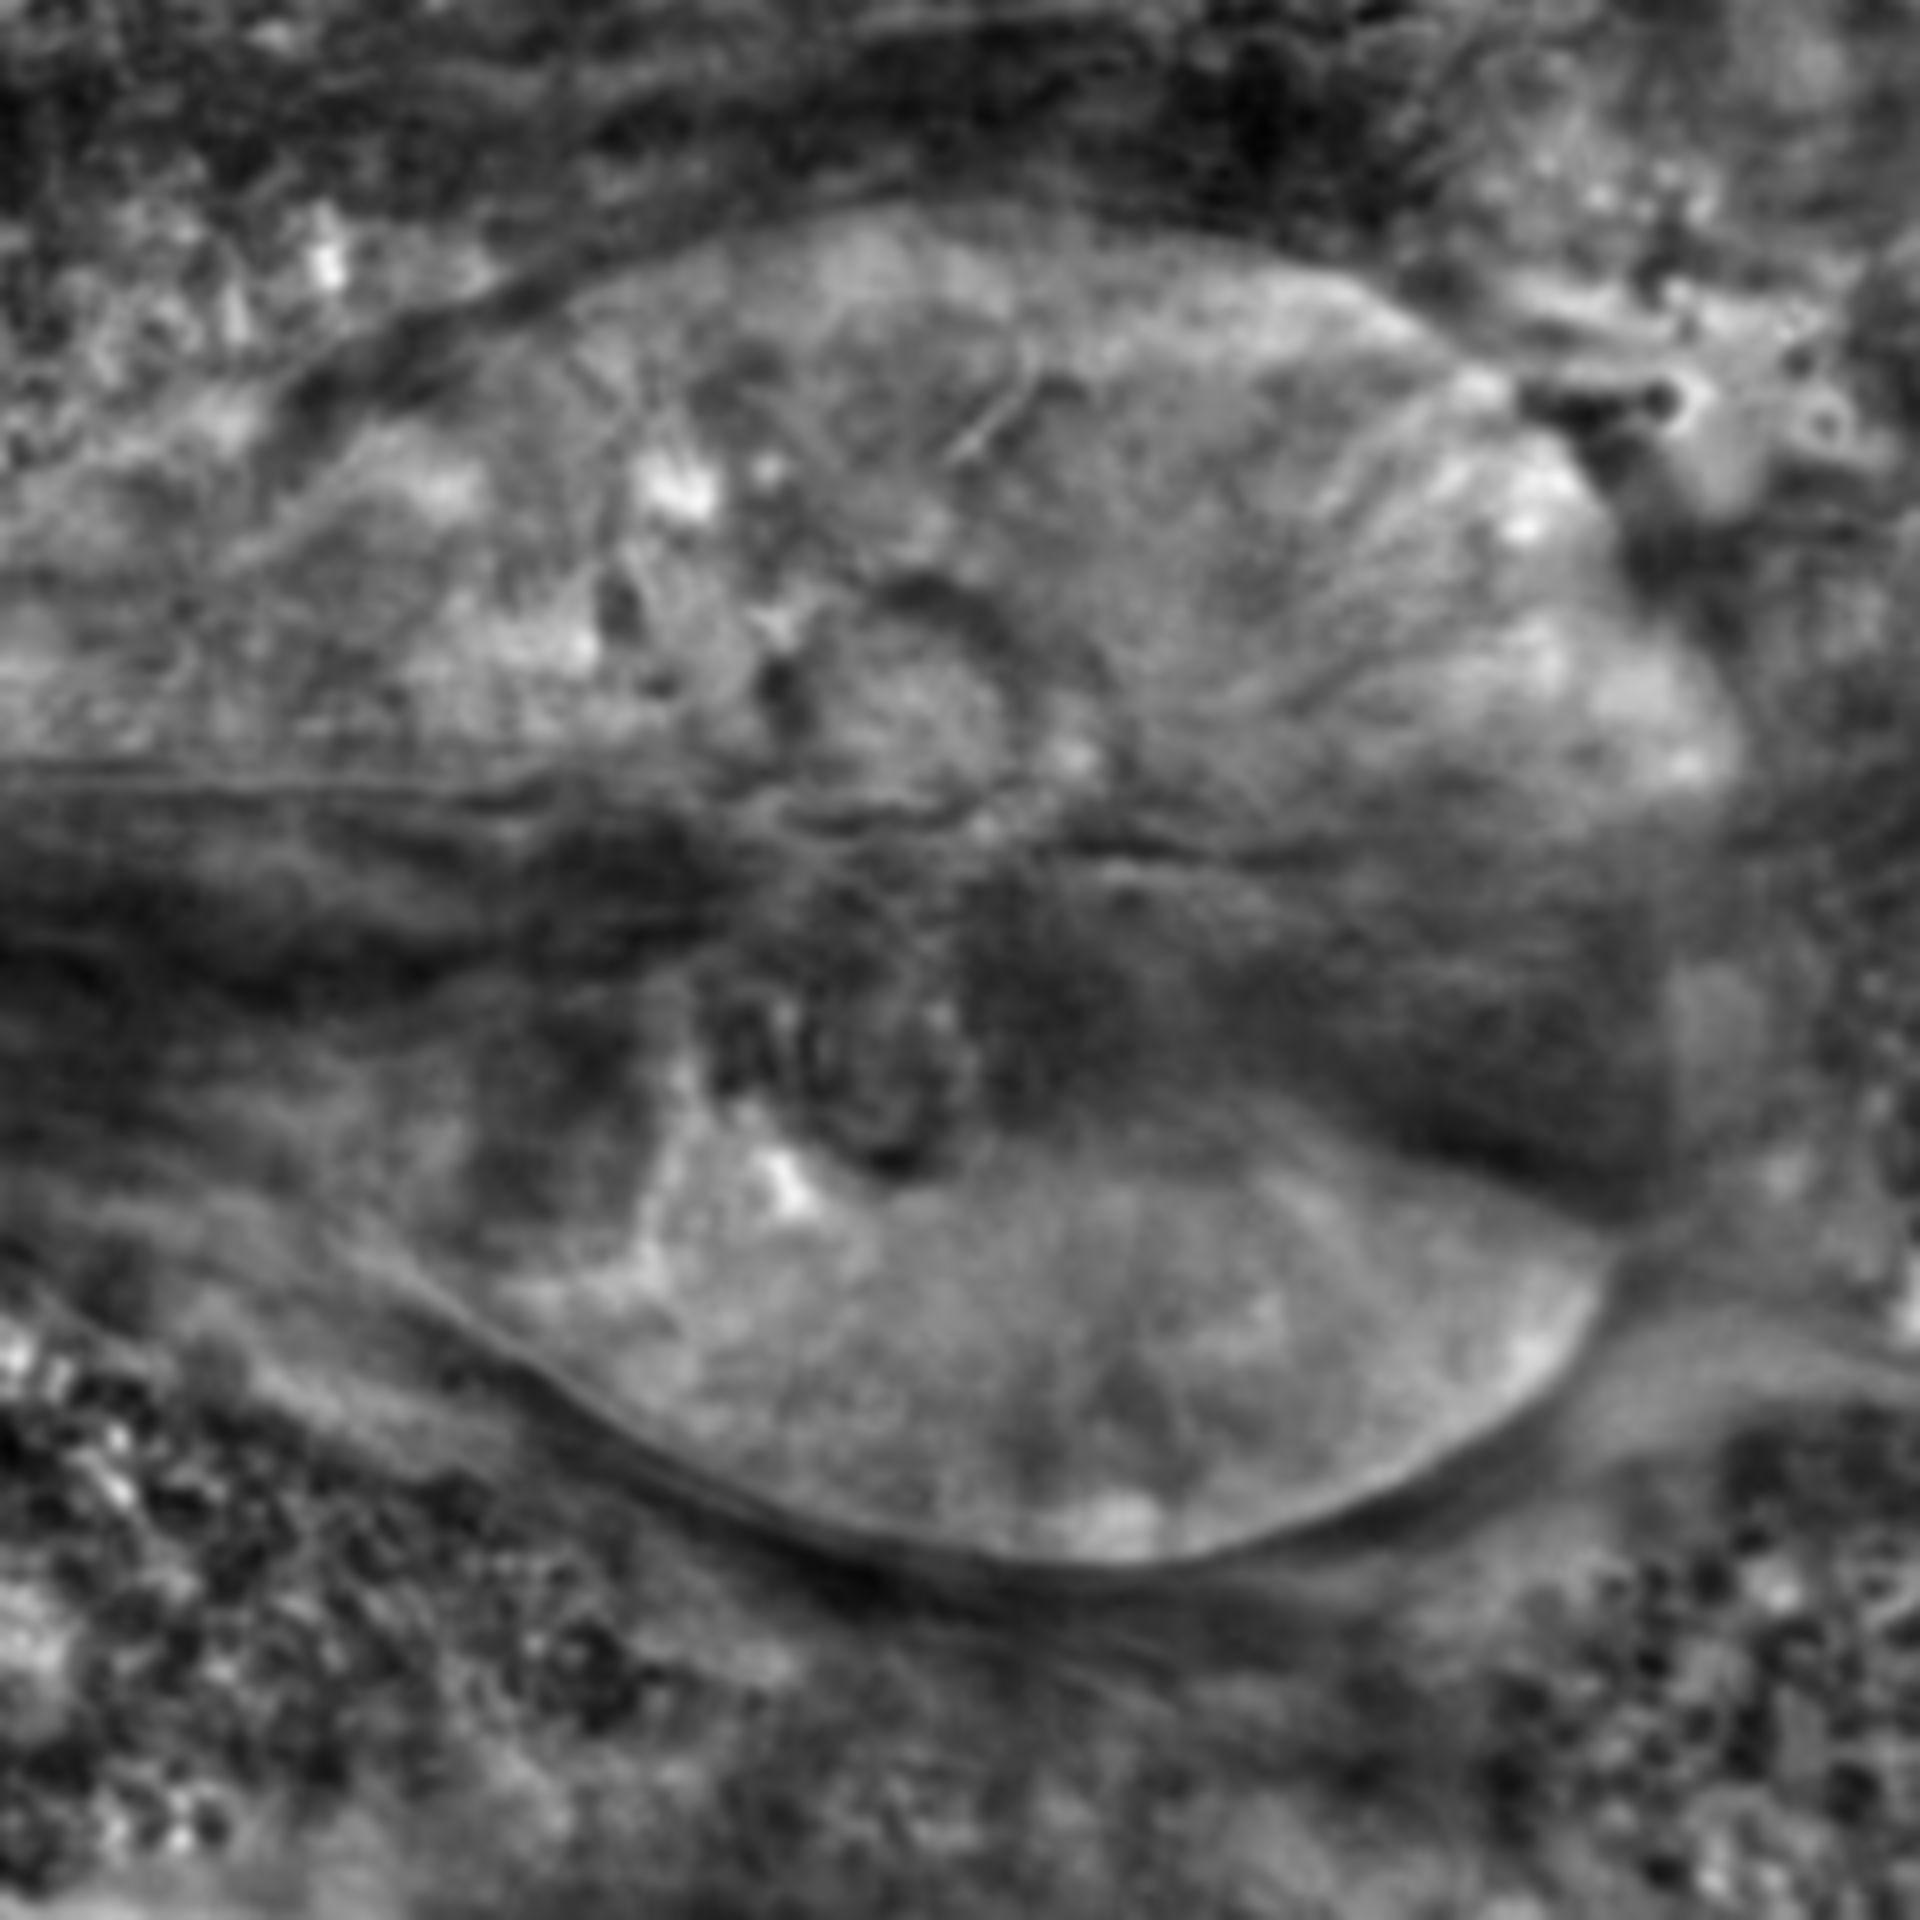 Caenorhabditis elegans - CIL:2306